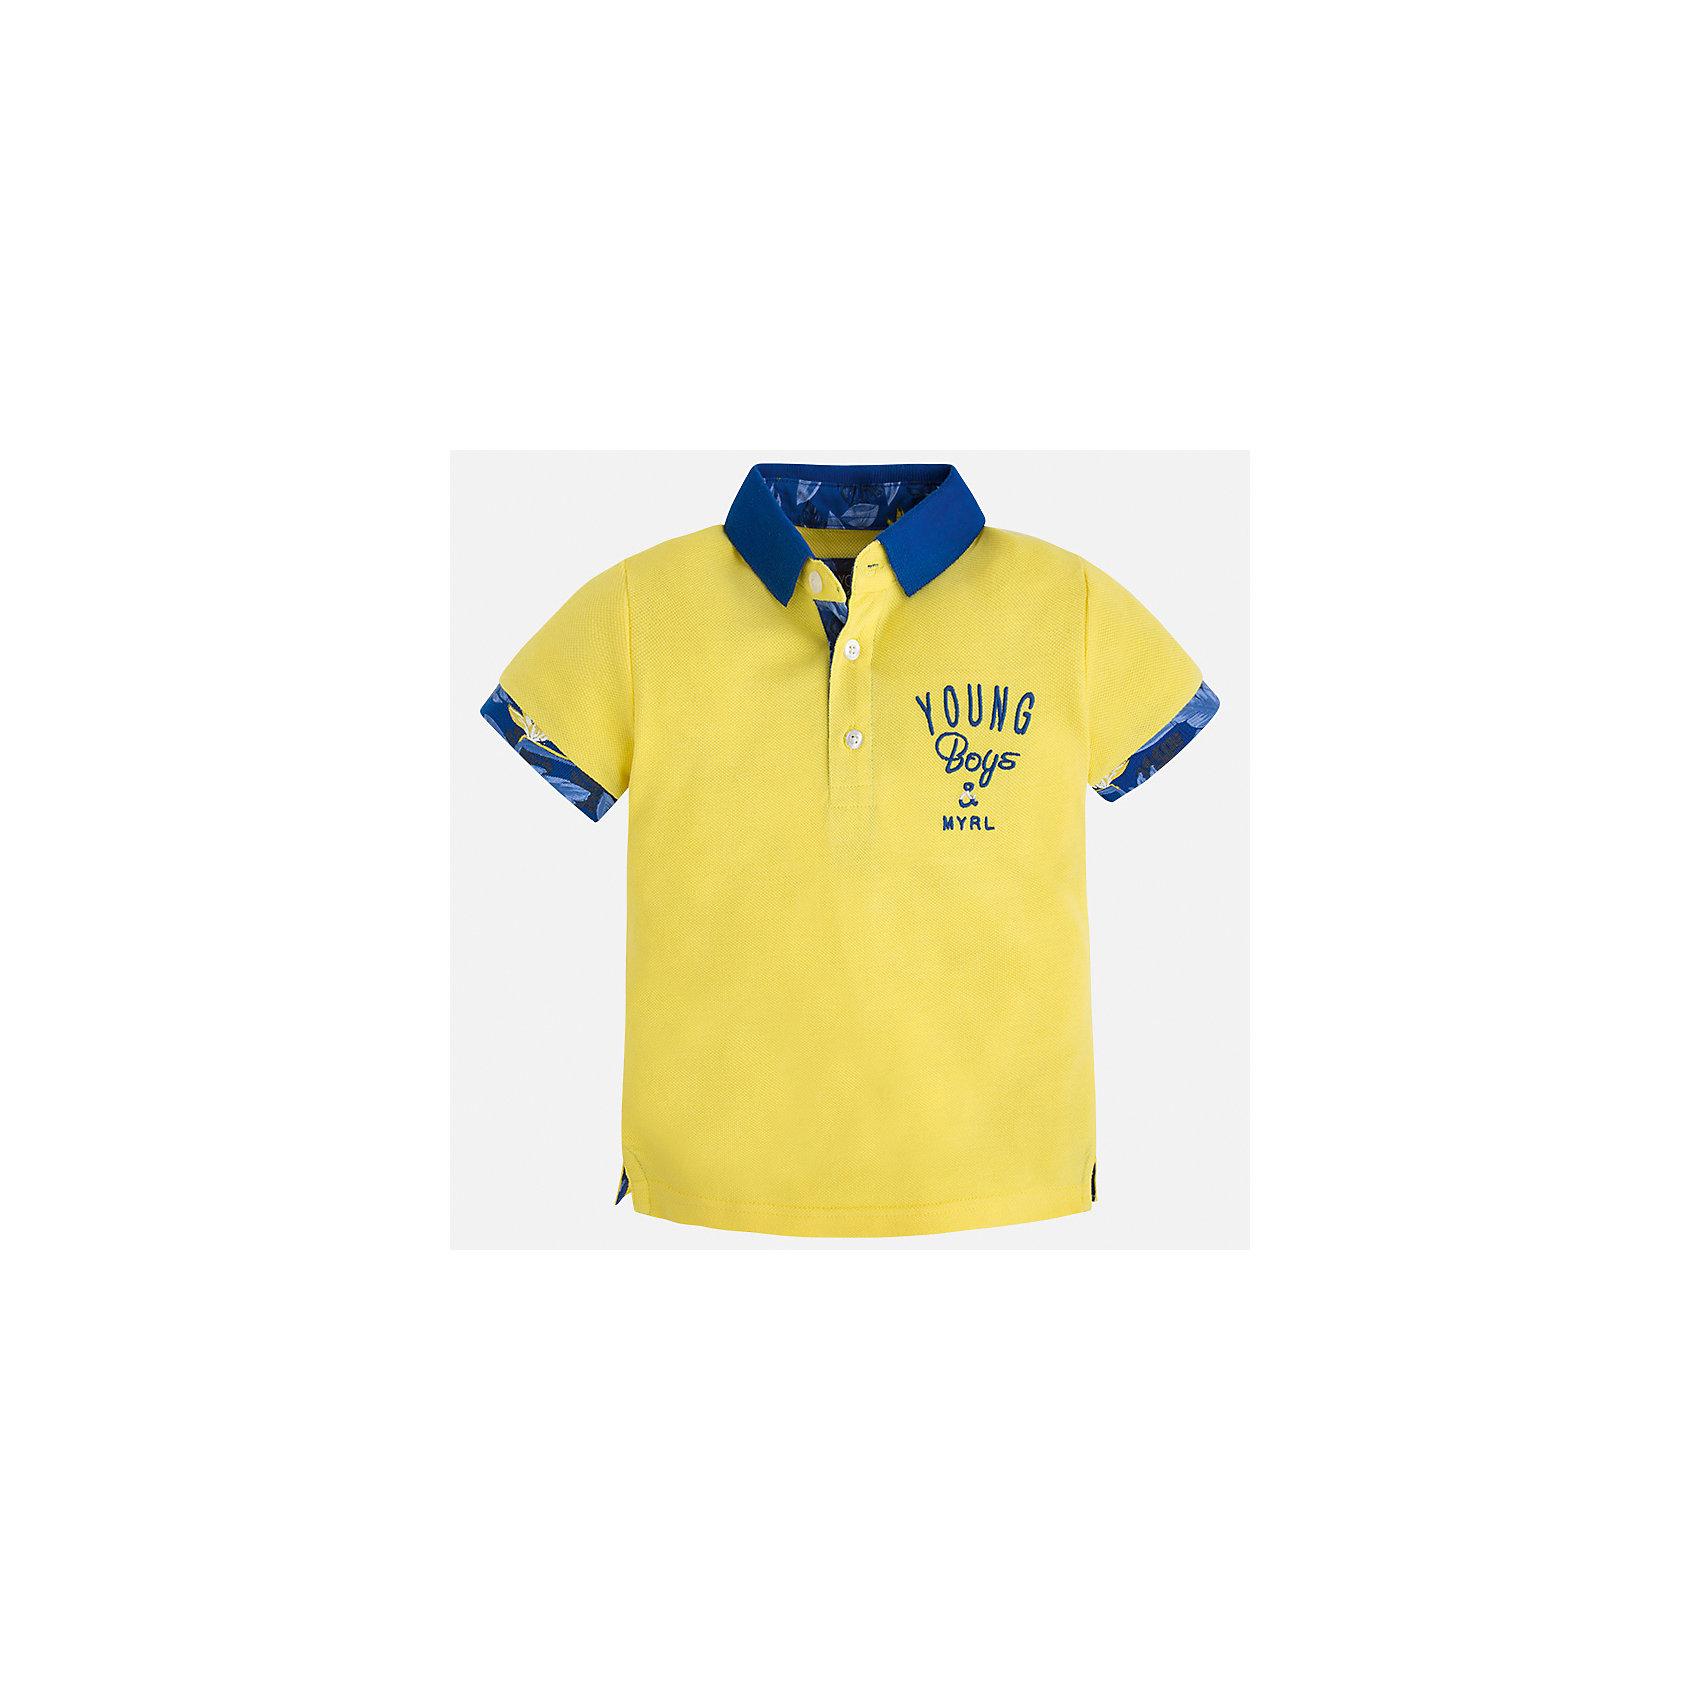 Футболка-поло для мальчика MayoralФутболки, поло и топы<br>Характеристики товара:<br><br>• цвет: желтый<br>• состав: 100% хлопок<br>• отложной воротник<br>• короткие рукава<br>• застежка: пуговицы<br>• декорирована вышивкой<br>• страна бренда: Испания<br><br>Модная футболка-поло для мальчика может стать базовой вещью в гардеробе ребенка. Она отлично сочетается с брюками, шортами, джинсами и т.д. Универсальный крой и цвет позволяет подобрать к вещи низ разных расцветок. Практичное и стильное изделие! В составе материала - только натуральный хлопок, гипоаллергенный, приятный на ощупь, дышащий.<br><br>Одежда, обувь и аксессуары от испанского бренда Mayoral полюбились детям и взрослым по всему миру. Модели этой марки - стильные и удобные. Для их производства используются только безопасные, качественные материалы и фурнитура. Порадуйте ребенка модными и красивыми вещами от Mayoral! <br><br>Футболку-поло для мальчика от испанского бренда Mayoral (Майорал) можно купить в нашем интернет-магазине.<br><br>Ширина мм: 199<br>Глубина мм: 10<br>Высота мм: 161<br>Вес г: 151<br>Цвет: желтый<br>Возраст от месяцев: 18<br>Возраст до месяцев: 24<br>Пол: Мужской<br>Возраст: Детский<br>Размер: 92,110,116,122,128,134,104,98<br>SKU: 5280376